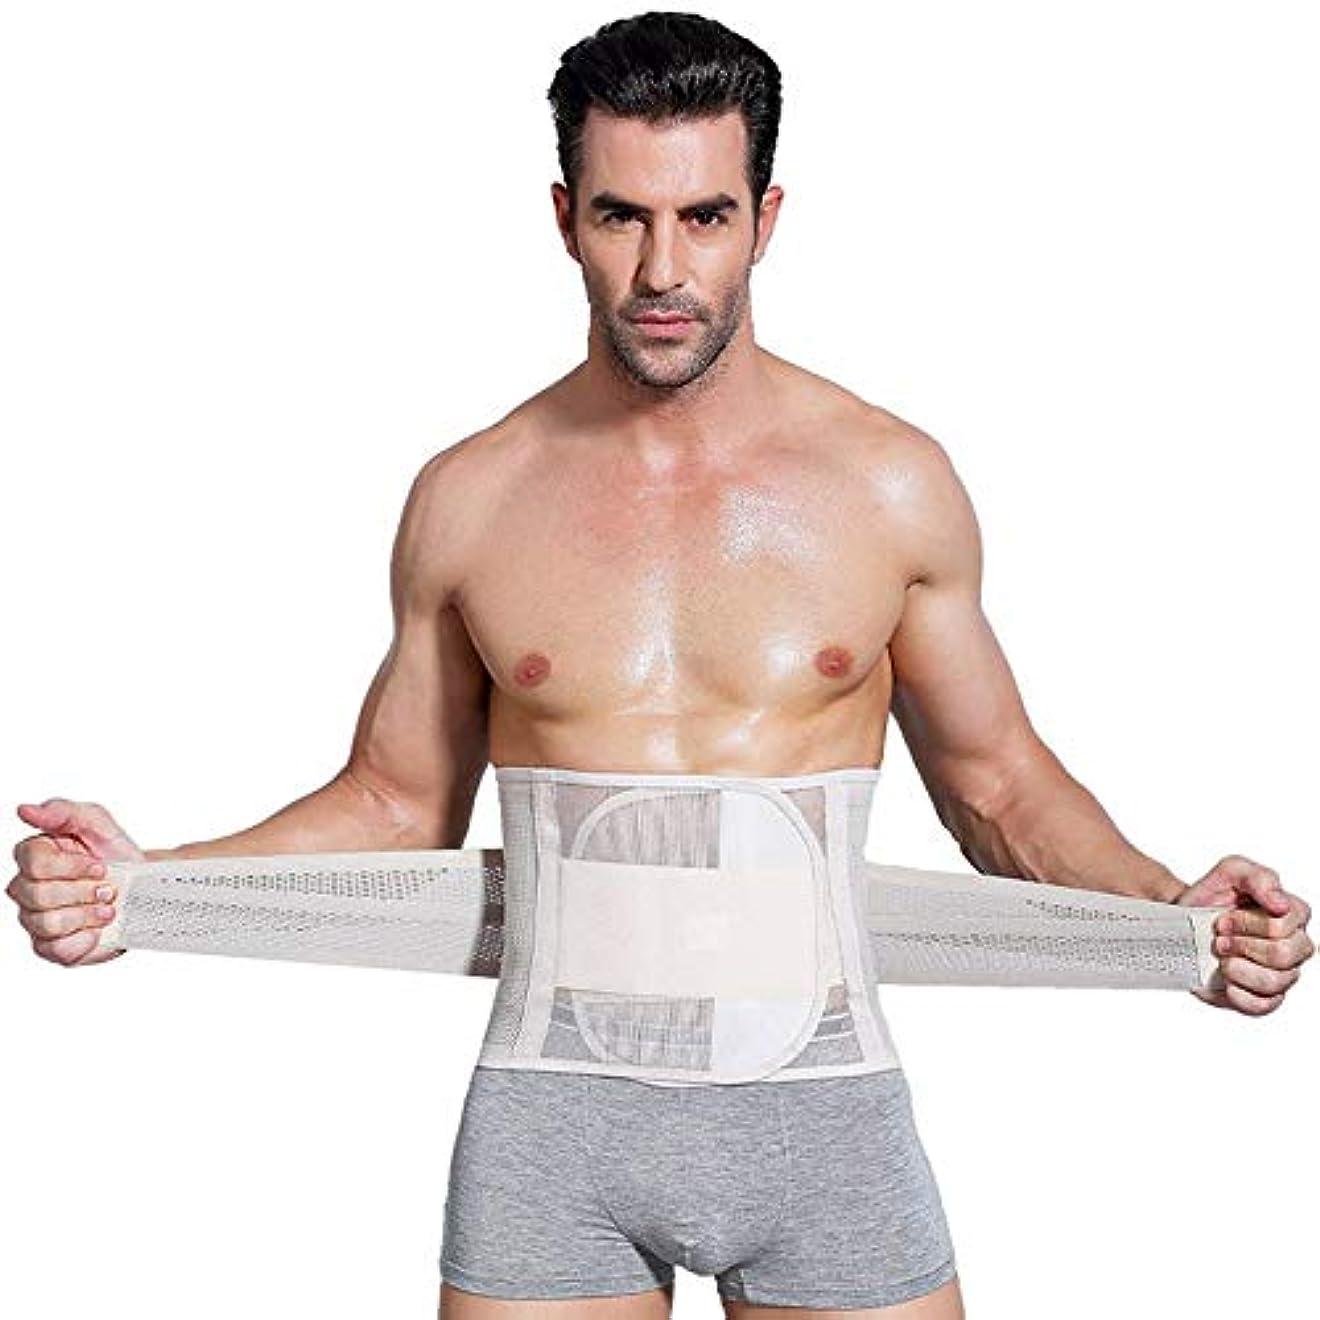 聡明五超えて男性ボディシェイパーコルセット腹部おなかコントロールウエストトレーナーニッパー脂肪燃焼ガードル痩身腹ベルト用男性 - 肌色XL